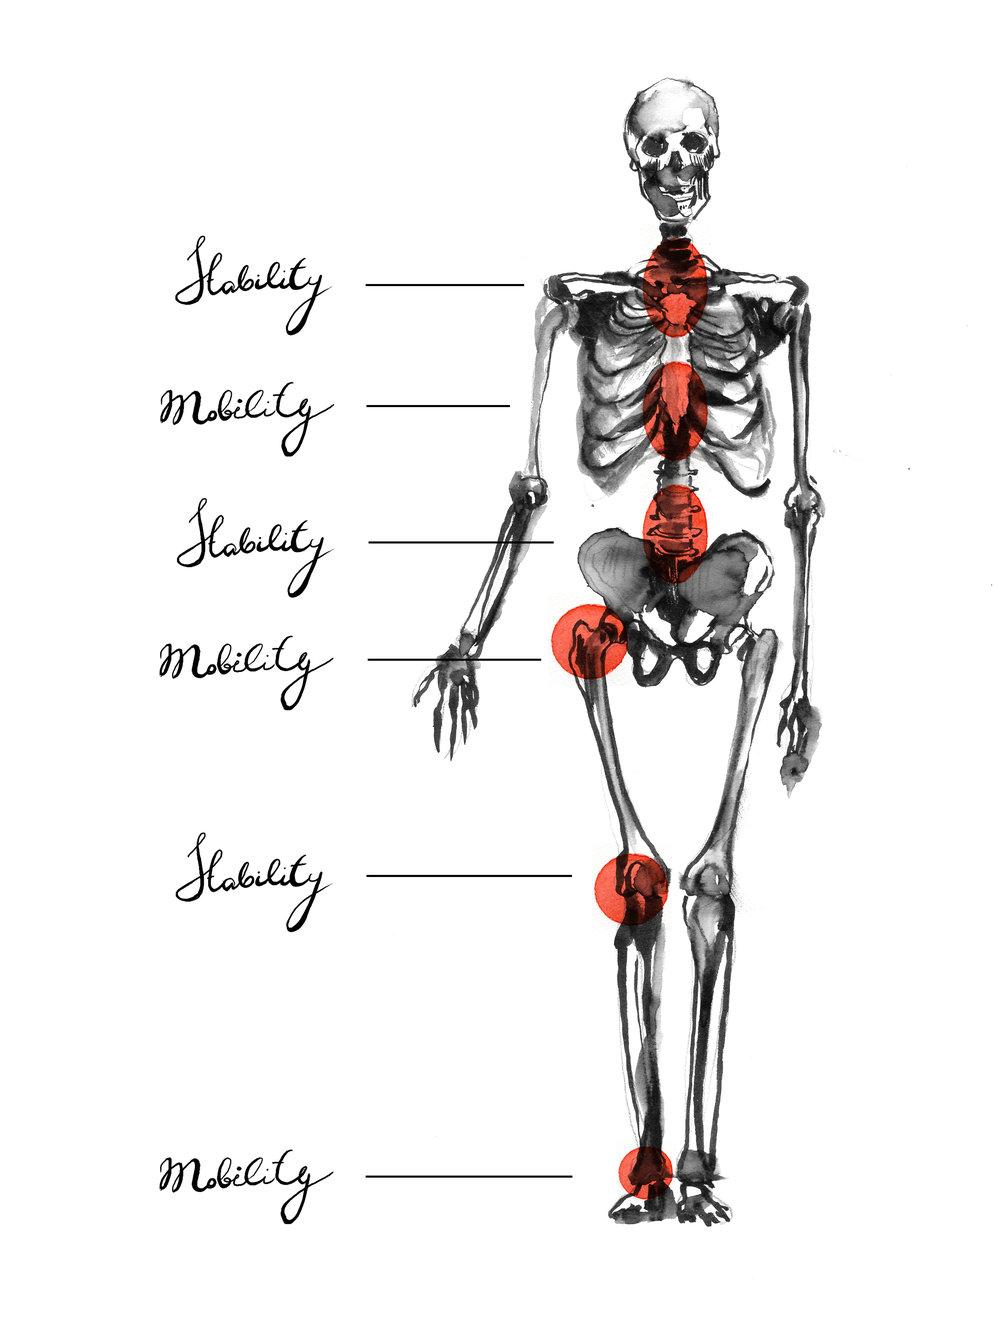 Skeleton fin.jpg